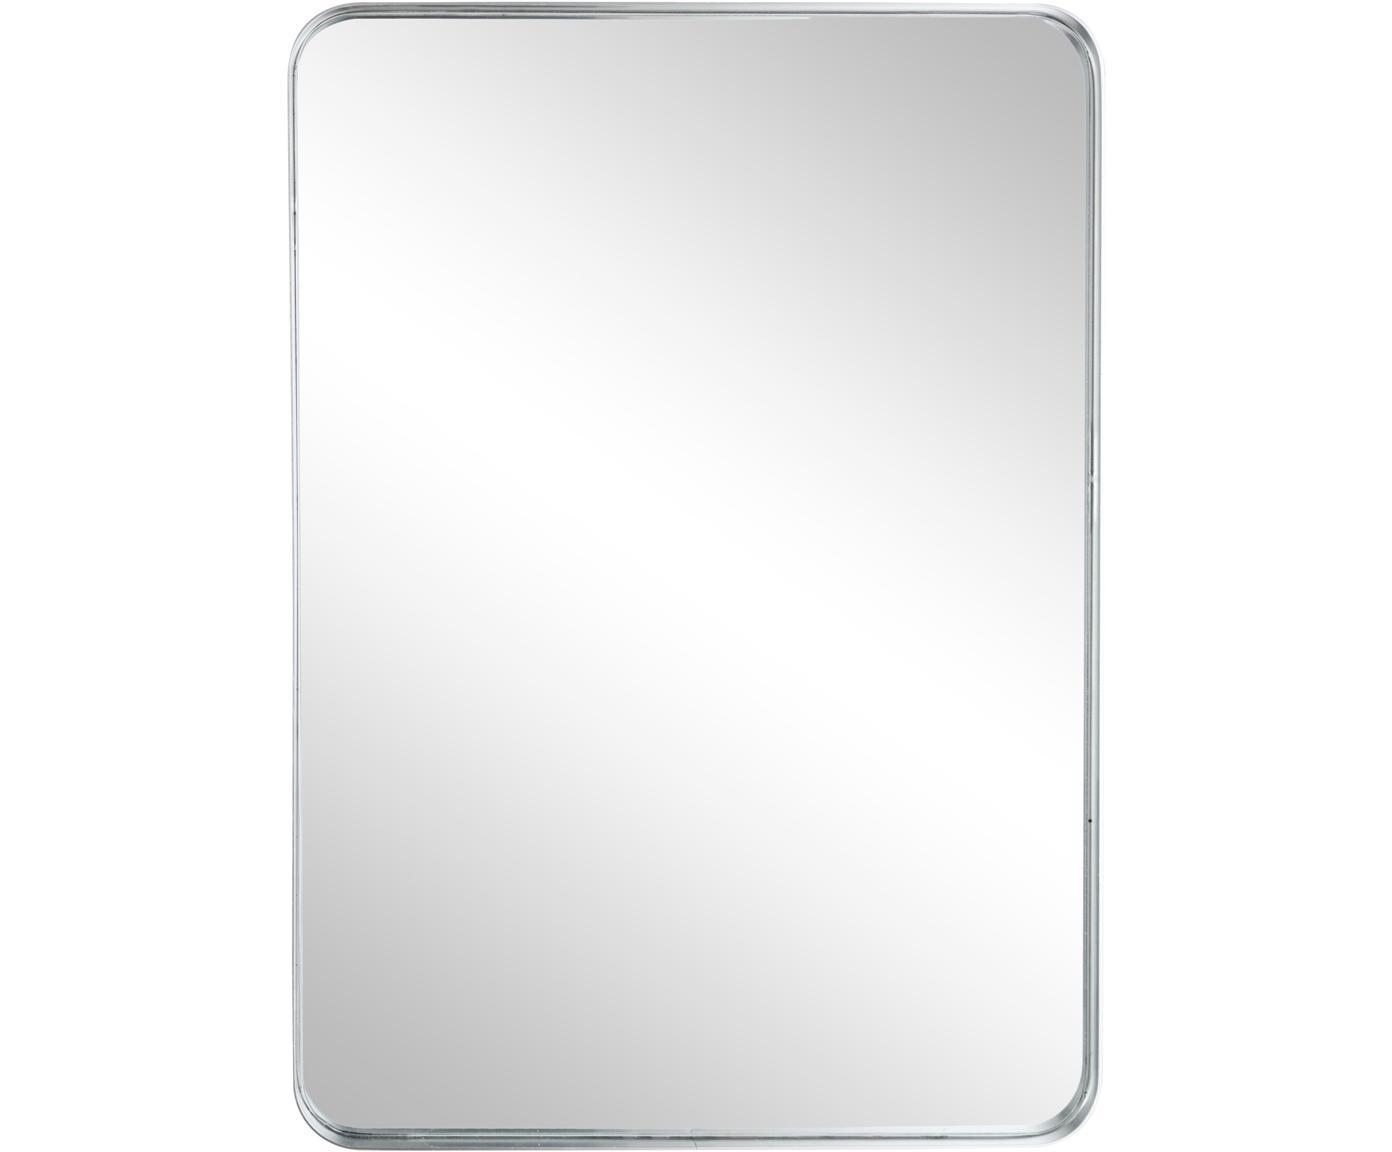 Espejo de pared Sile, con marco de metal, Espejo: cristal, Plateado, An 40 x Al 56 cm